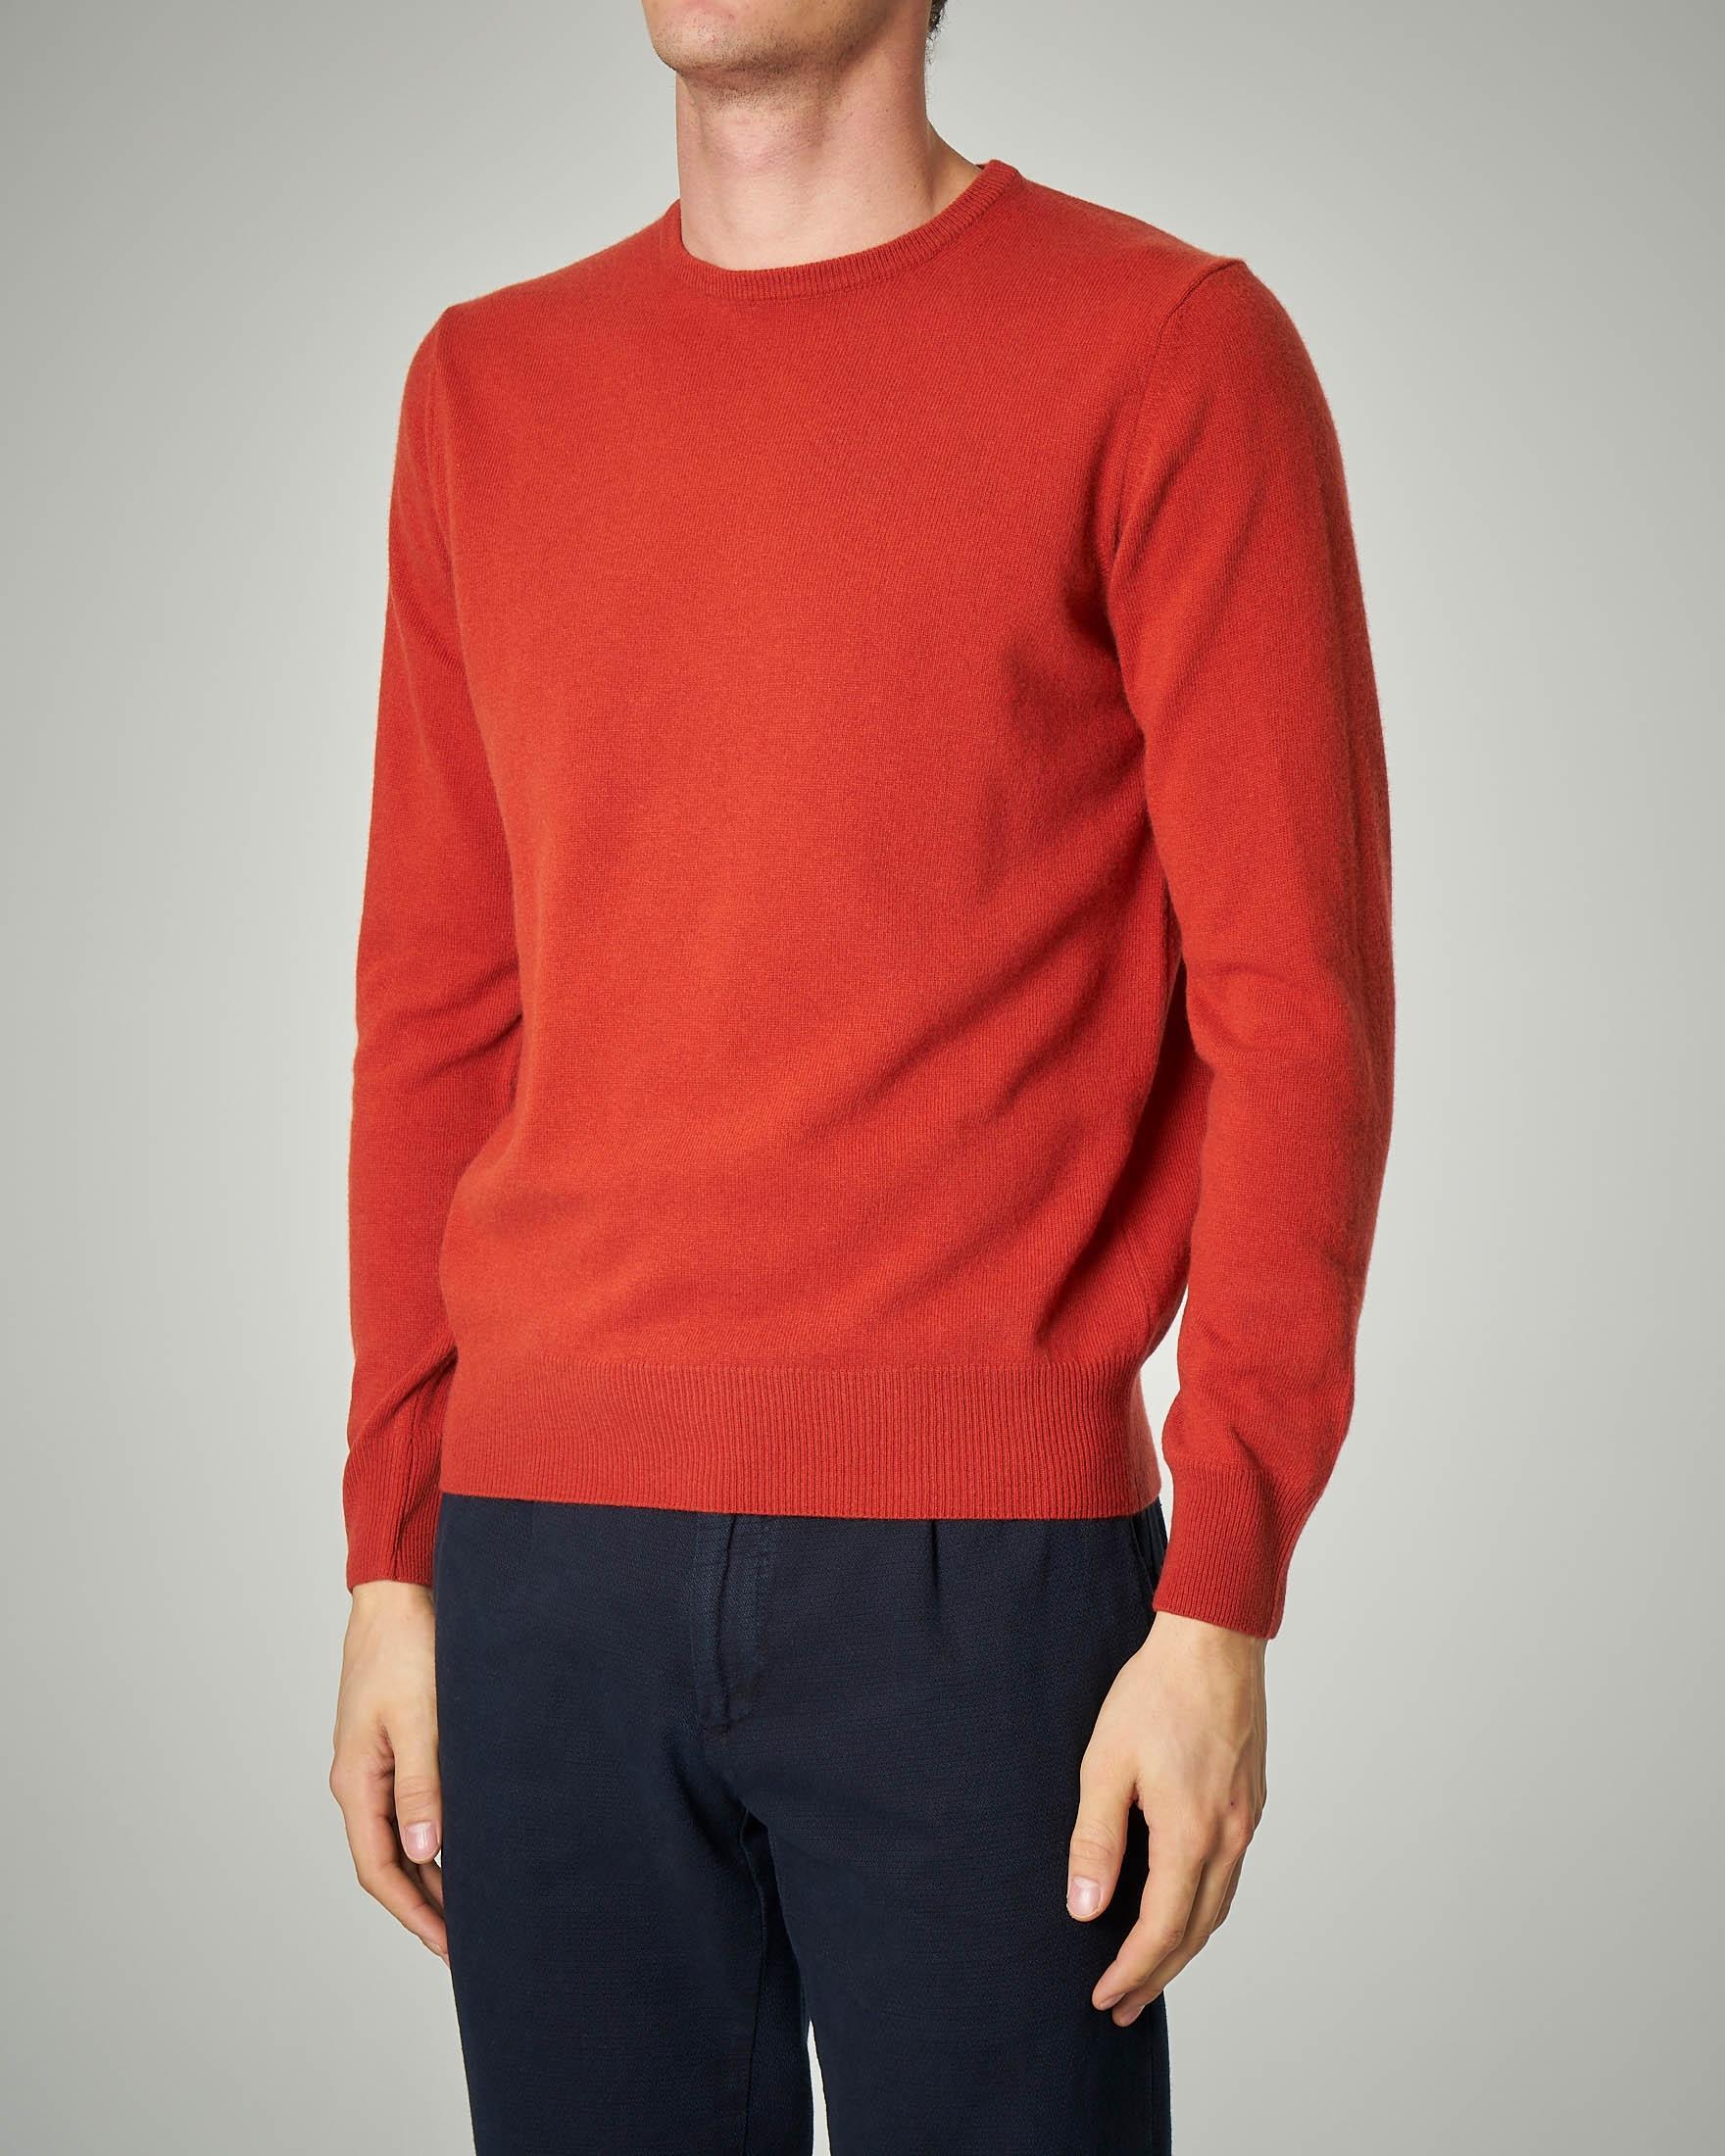 Maglia arancione girocollo in lana e cachemire